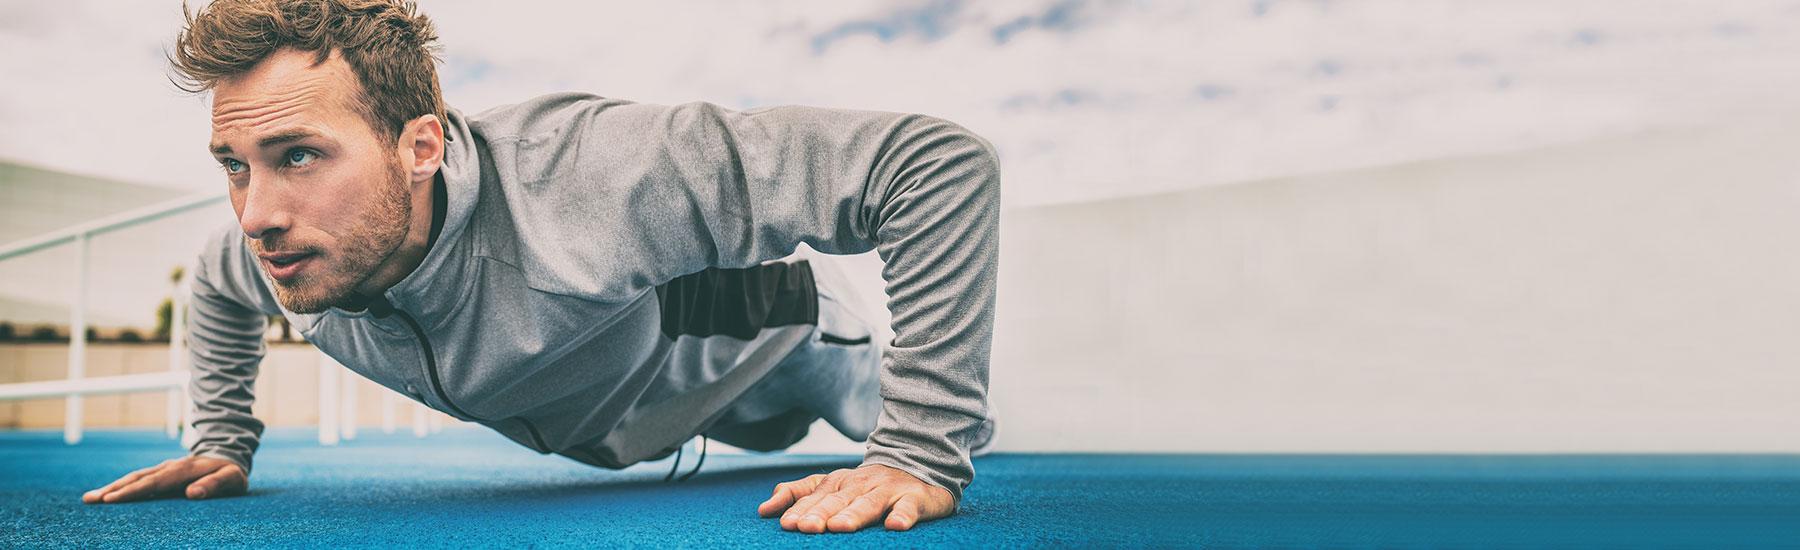 HandRehab-banner-push-ups